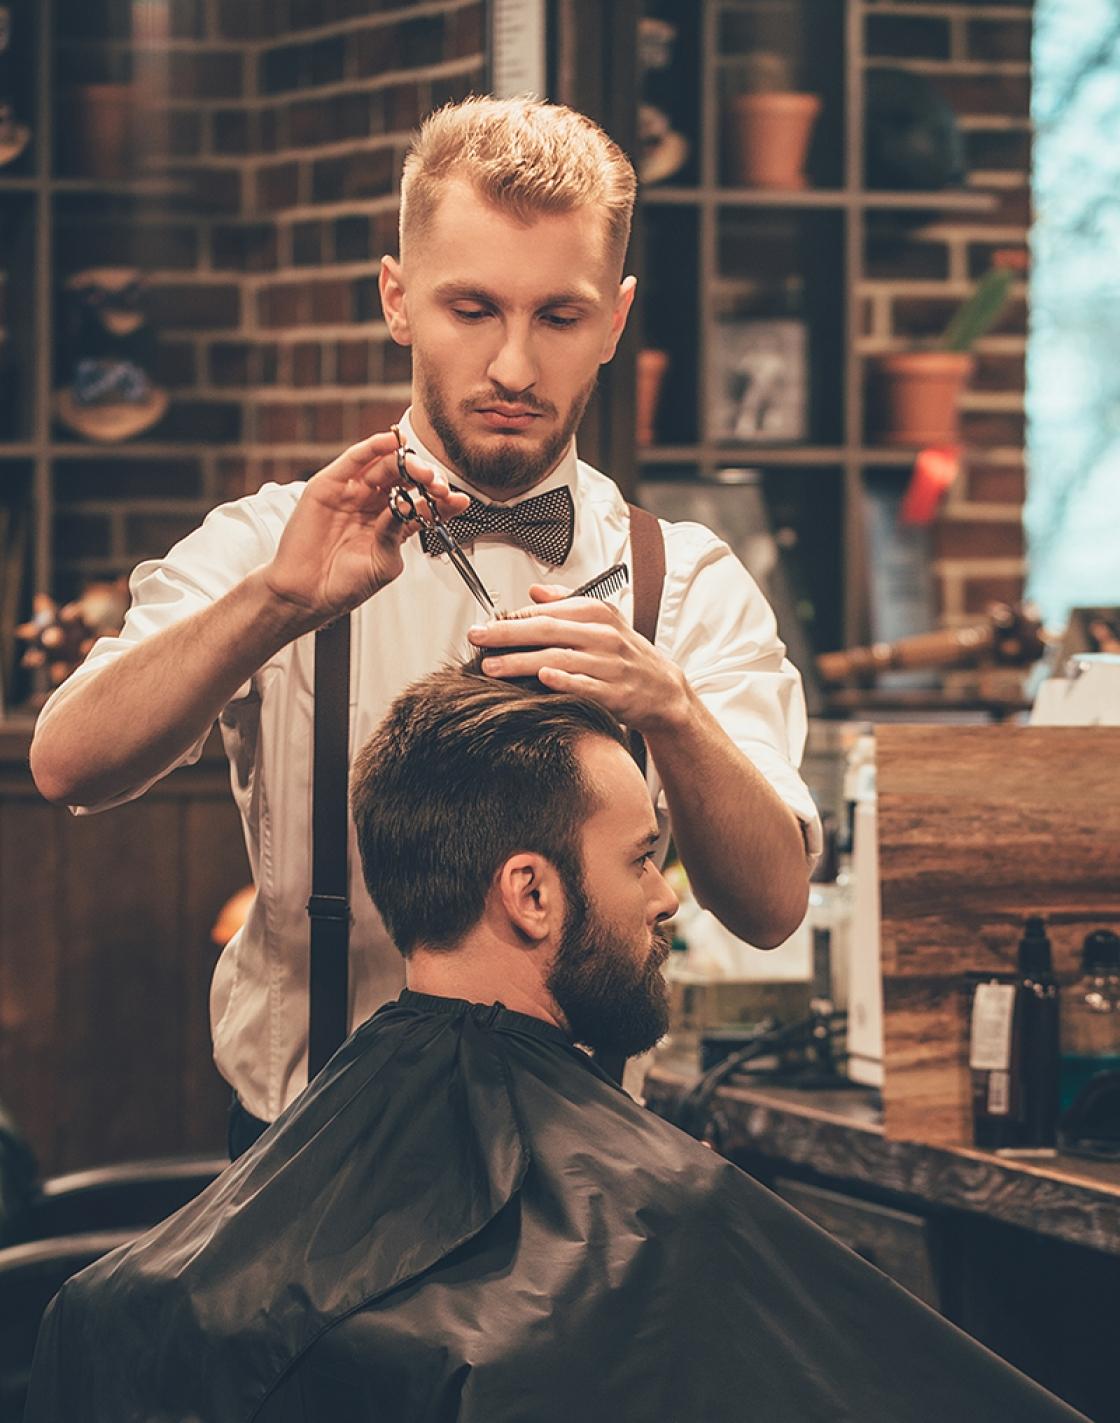 Schrijf je in voor onze opleiding barbier.